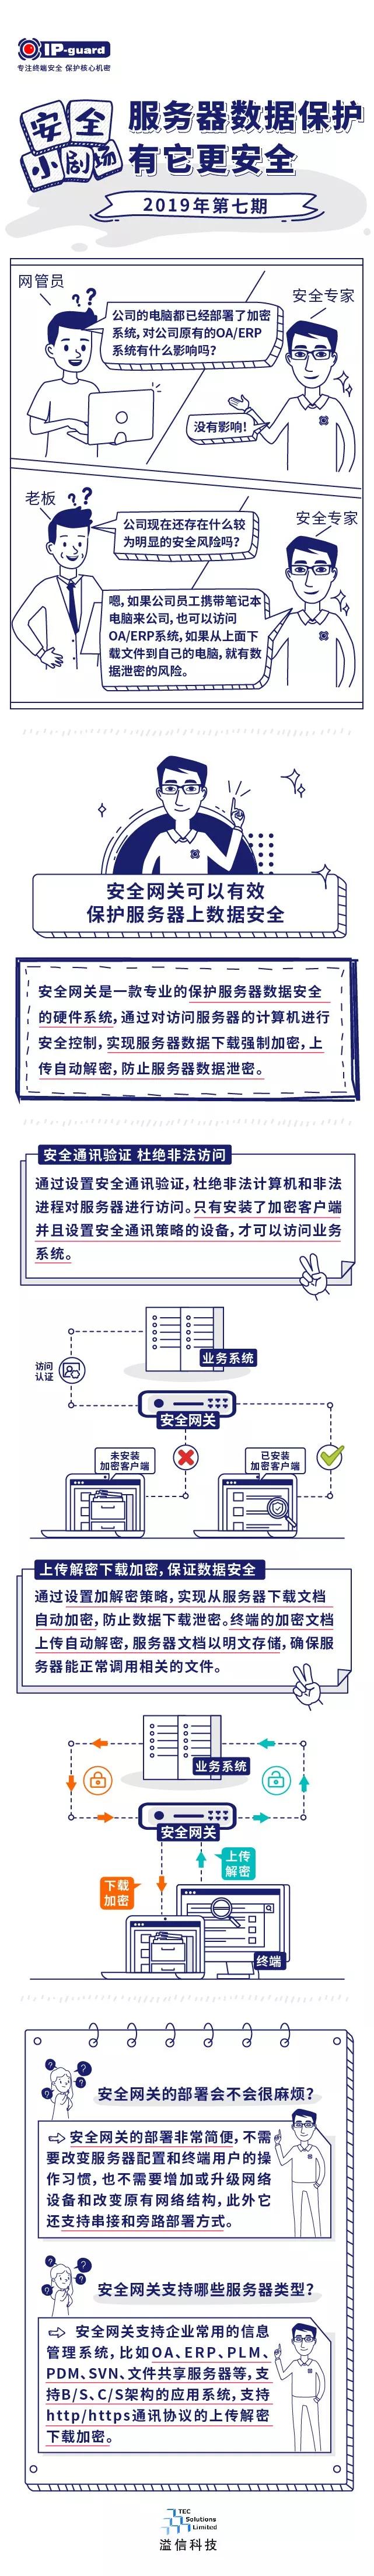 服务器数据安全